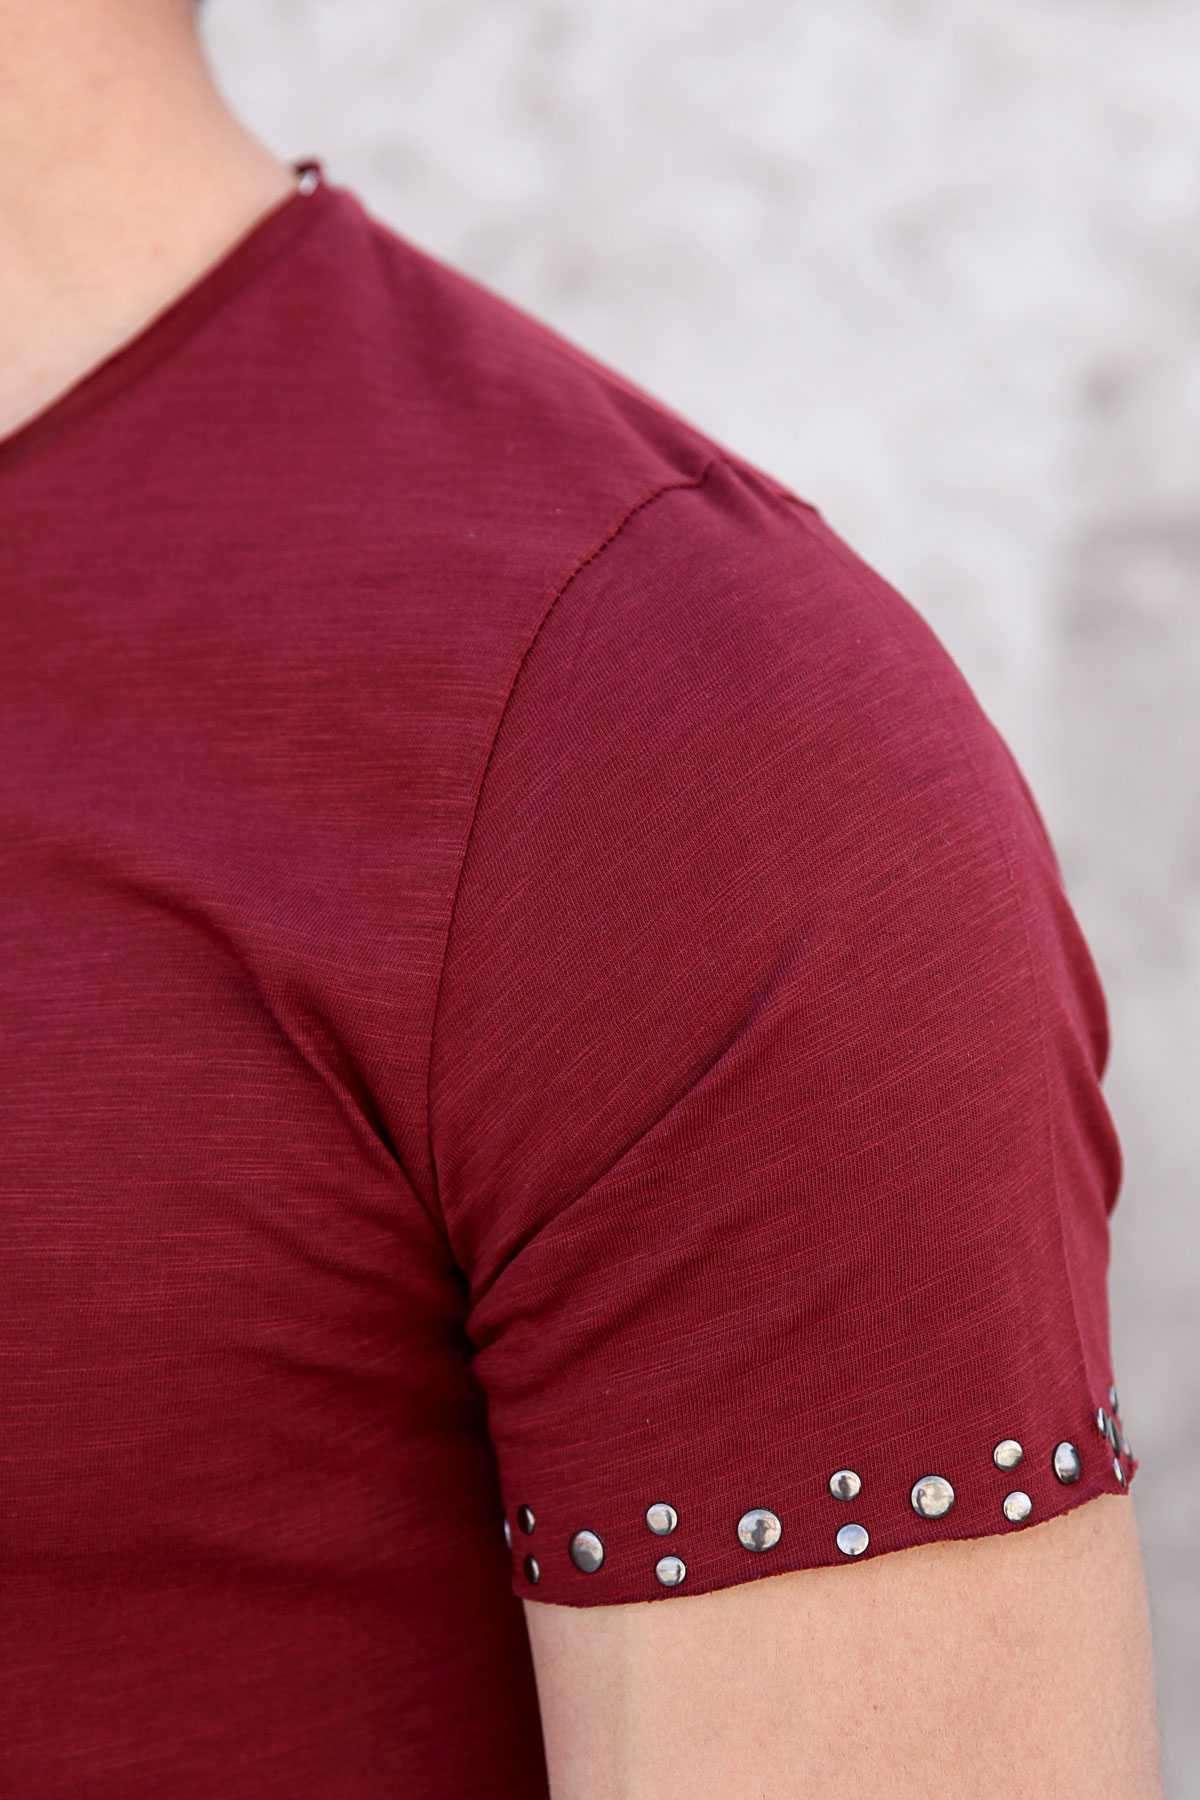 Kol Uçları Ve Etek Kenarı Metal Puntolu Pis Yaka Tişört Bordo